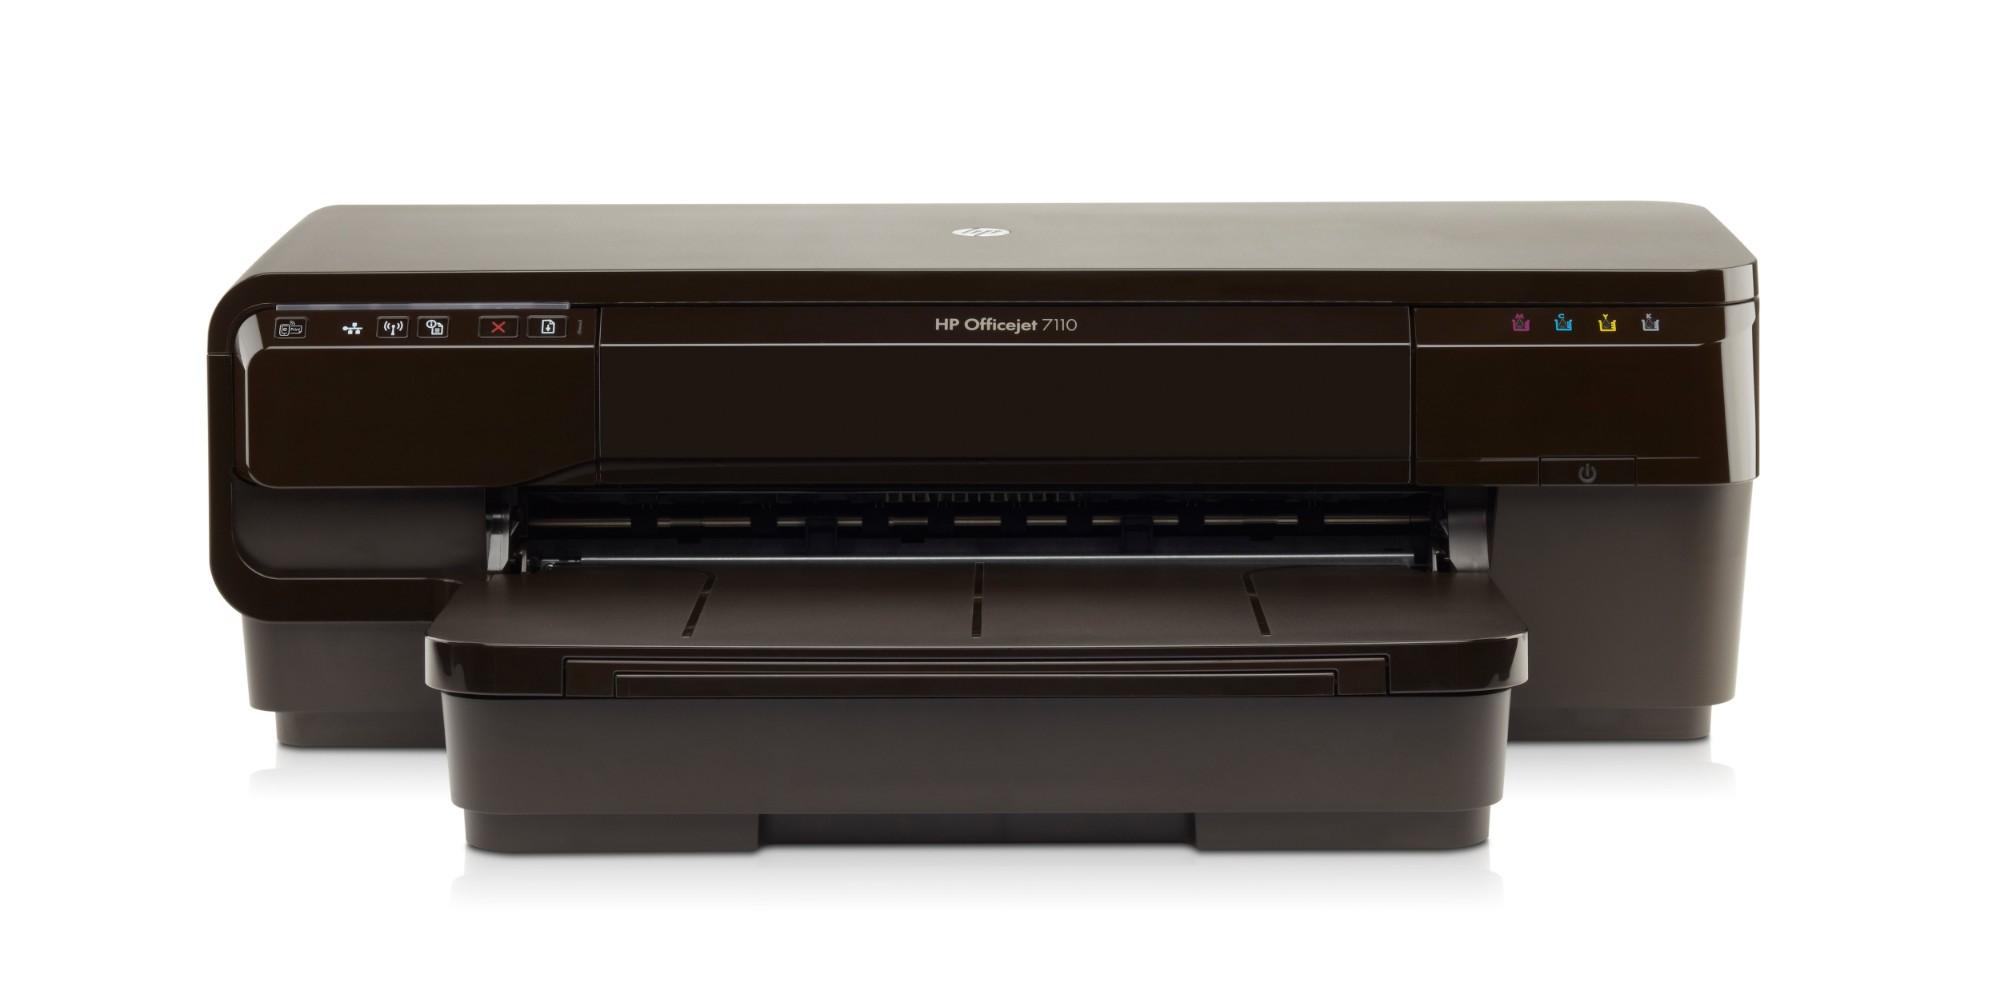 HP Officejet 7110 H812a inkjet printer Colour 4800 x 1200 DPI A3 Wi-Fi